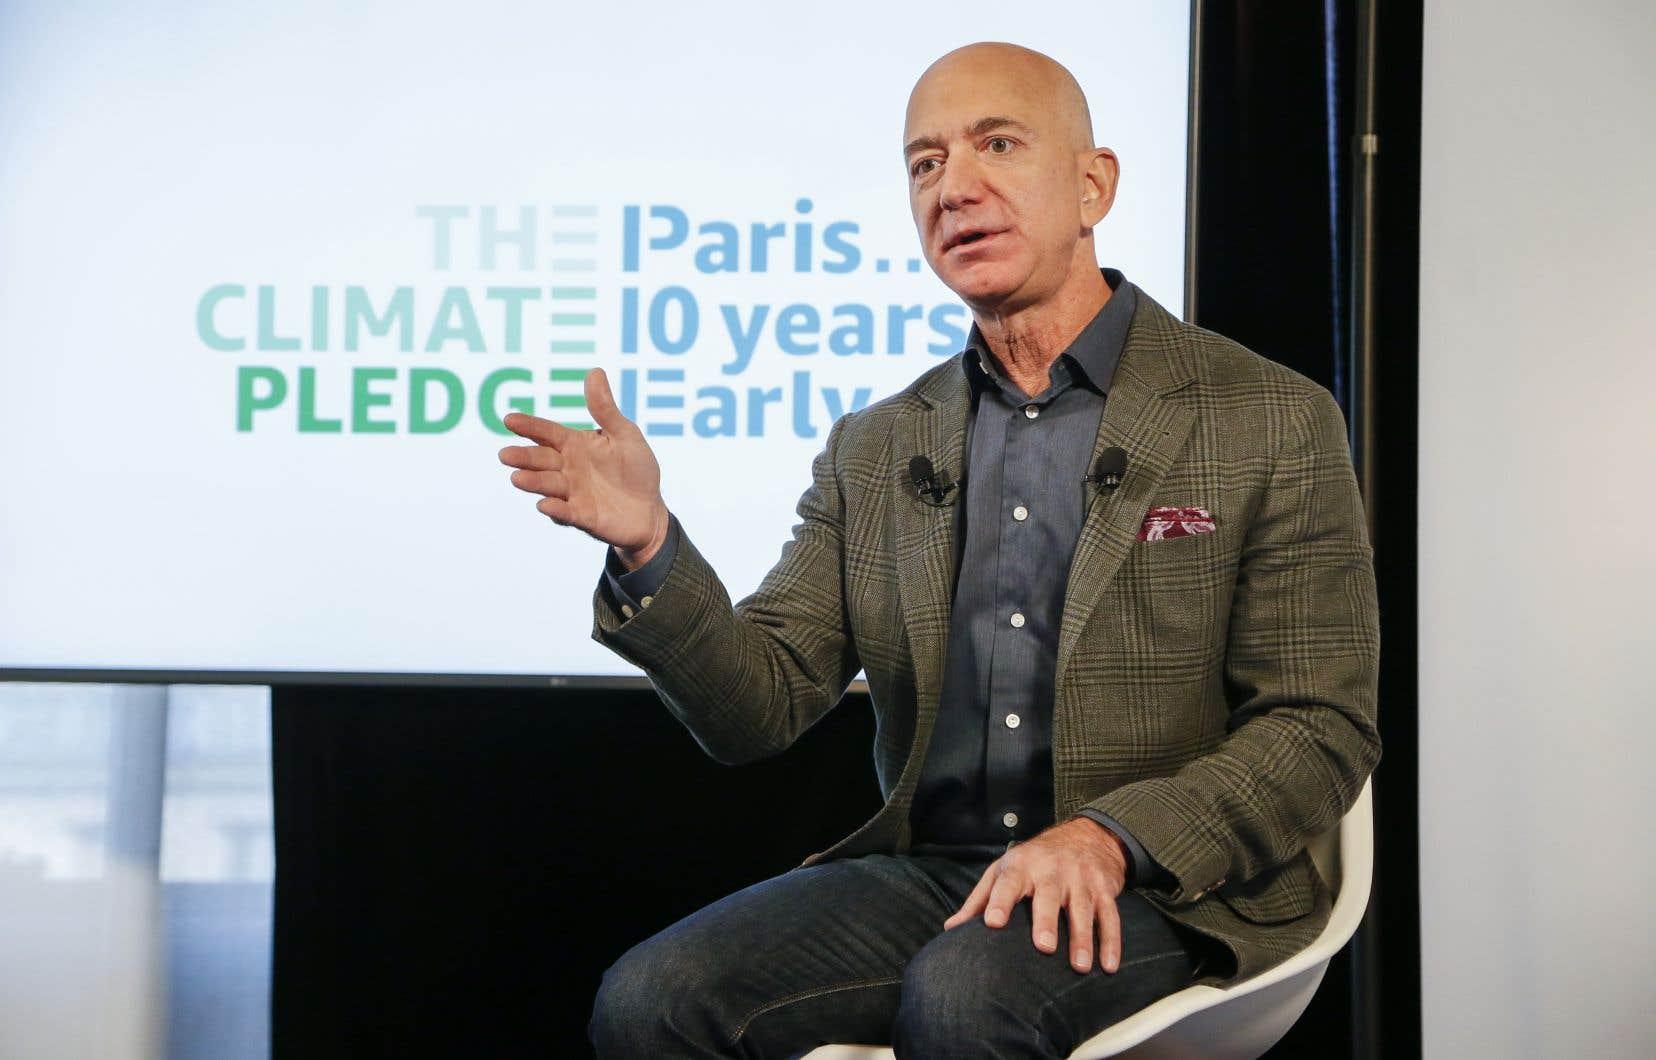 «Mon engagement est de remplir les objectifs de l'Accord de Paris avec 10ans d'avance», a expliqué Jeff Bezos, le fondateur d'Amazon, au cours d'une conférence de presse à Washington.